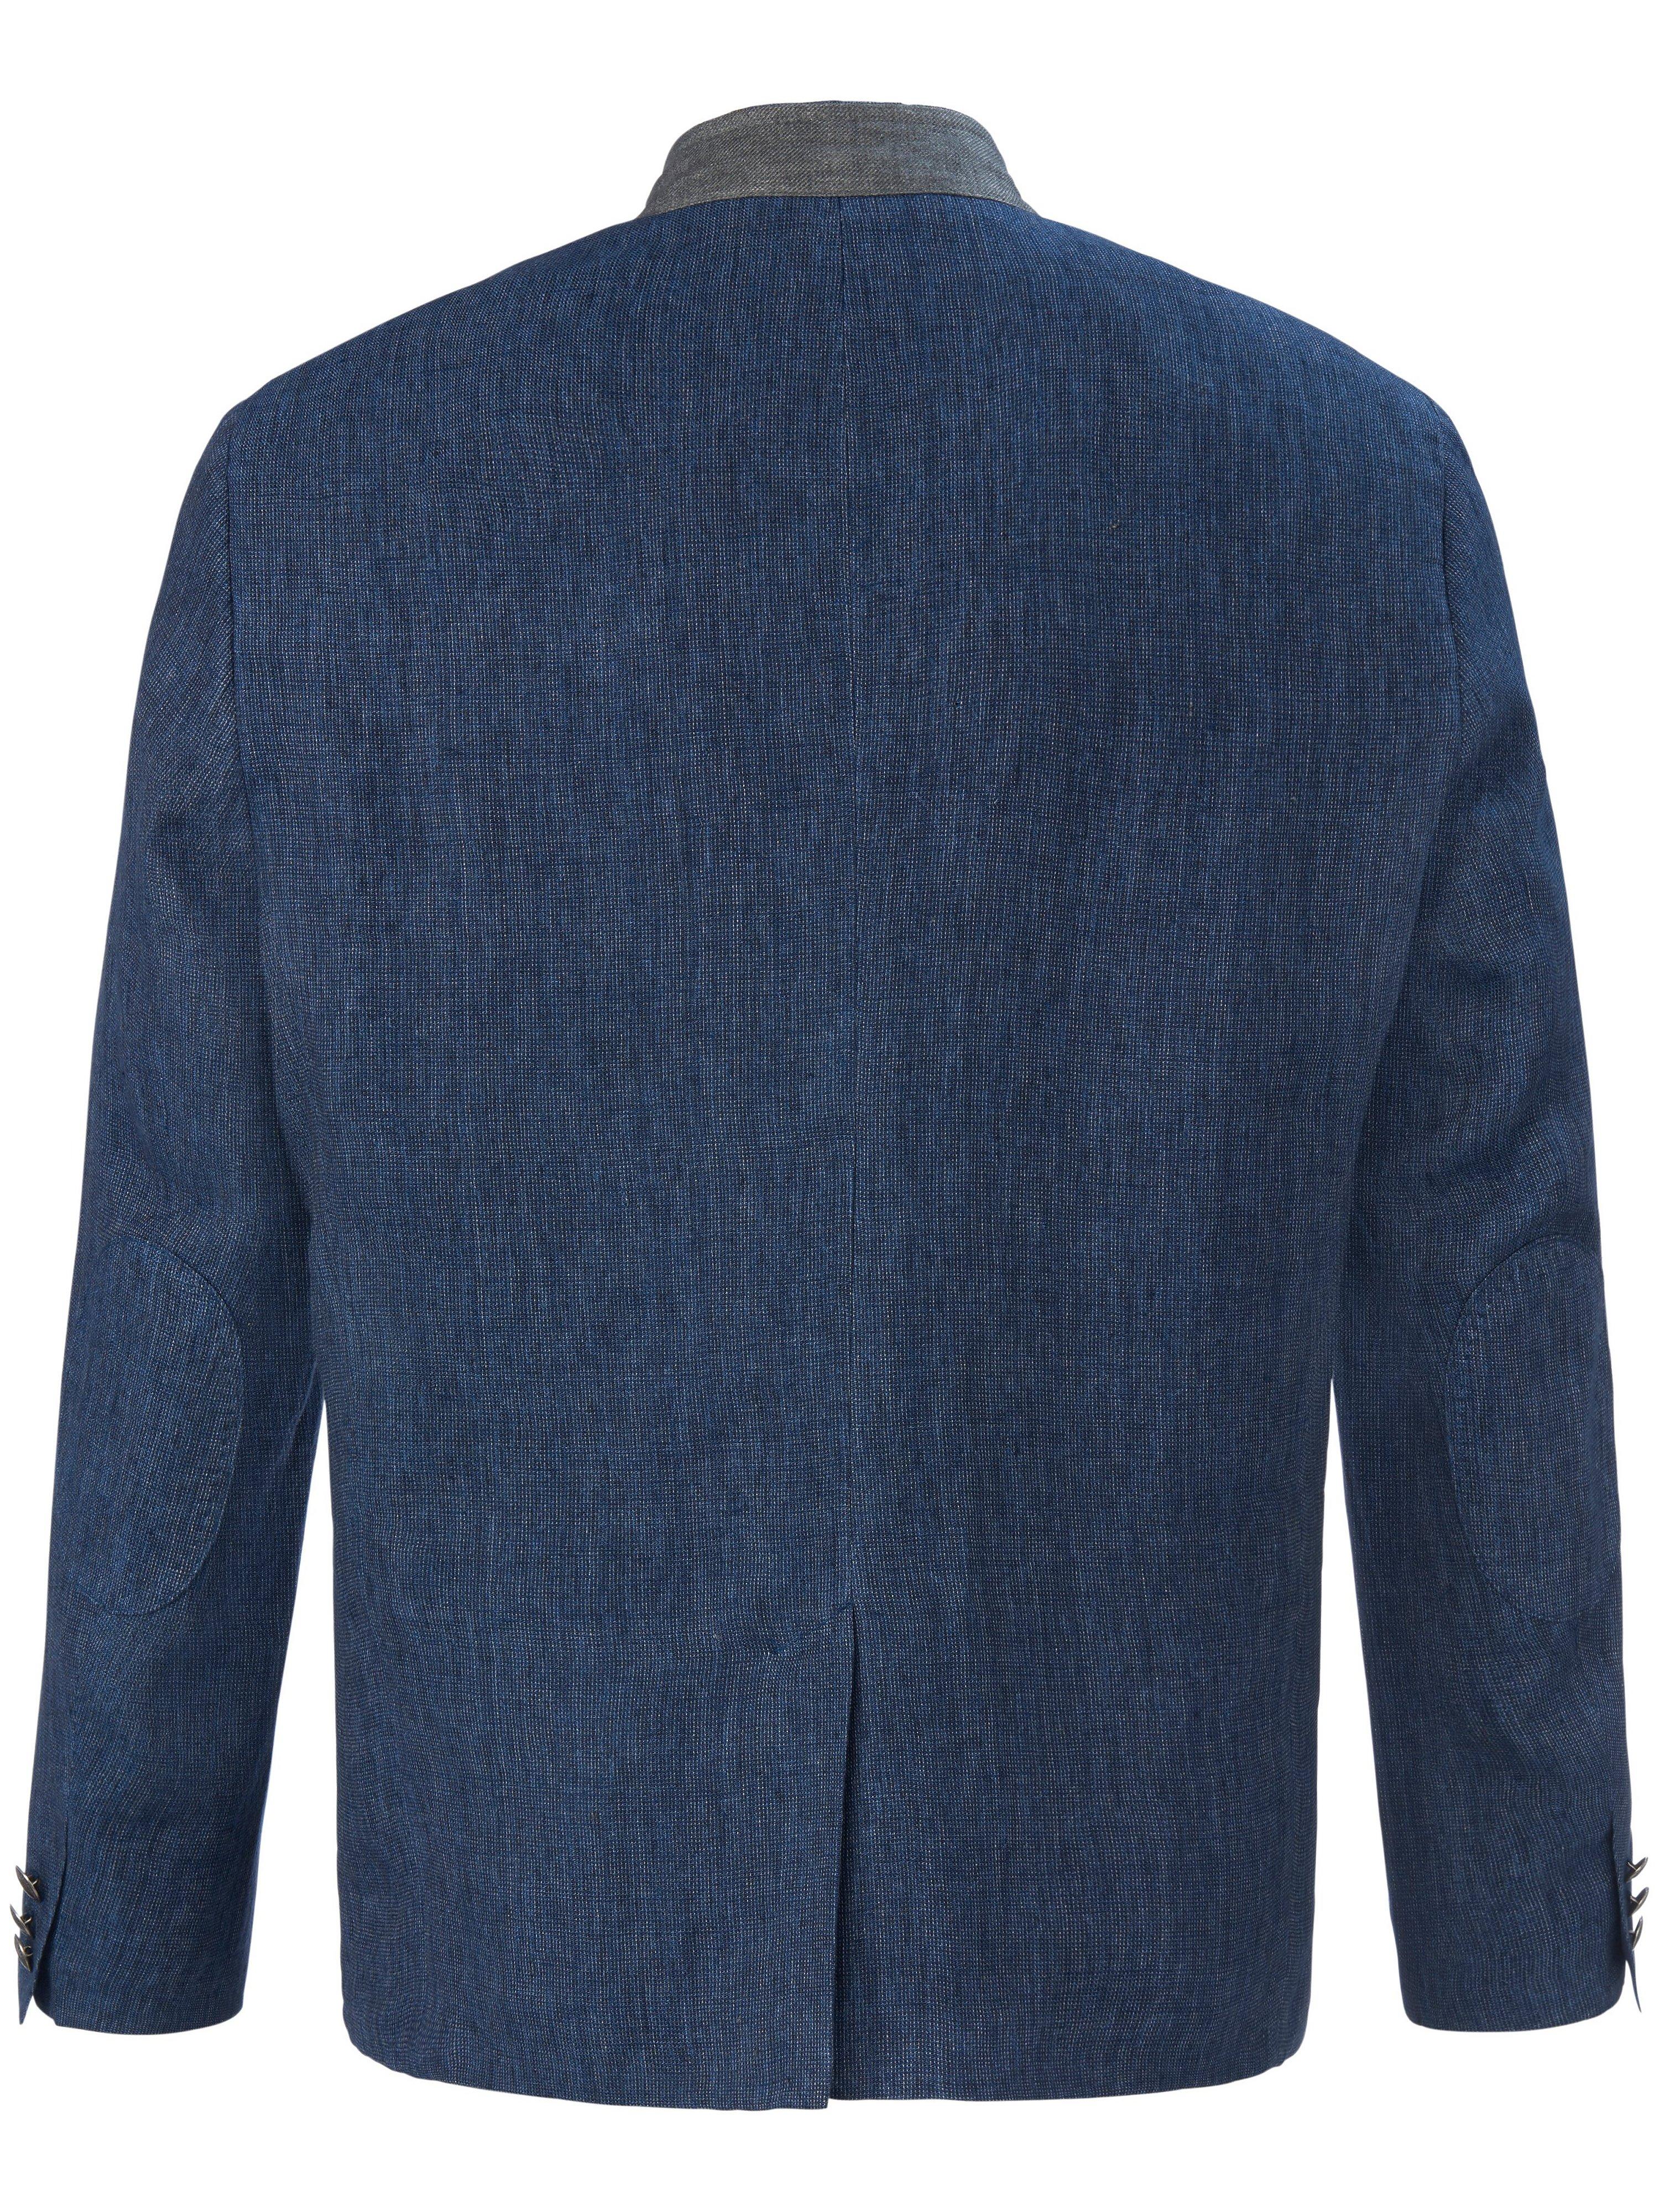 Traditionel jakke i 100% hør Fra Lodenfrey blå